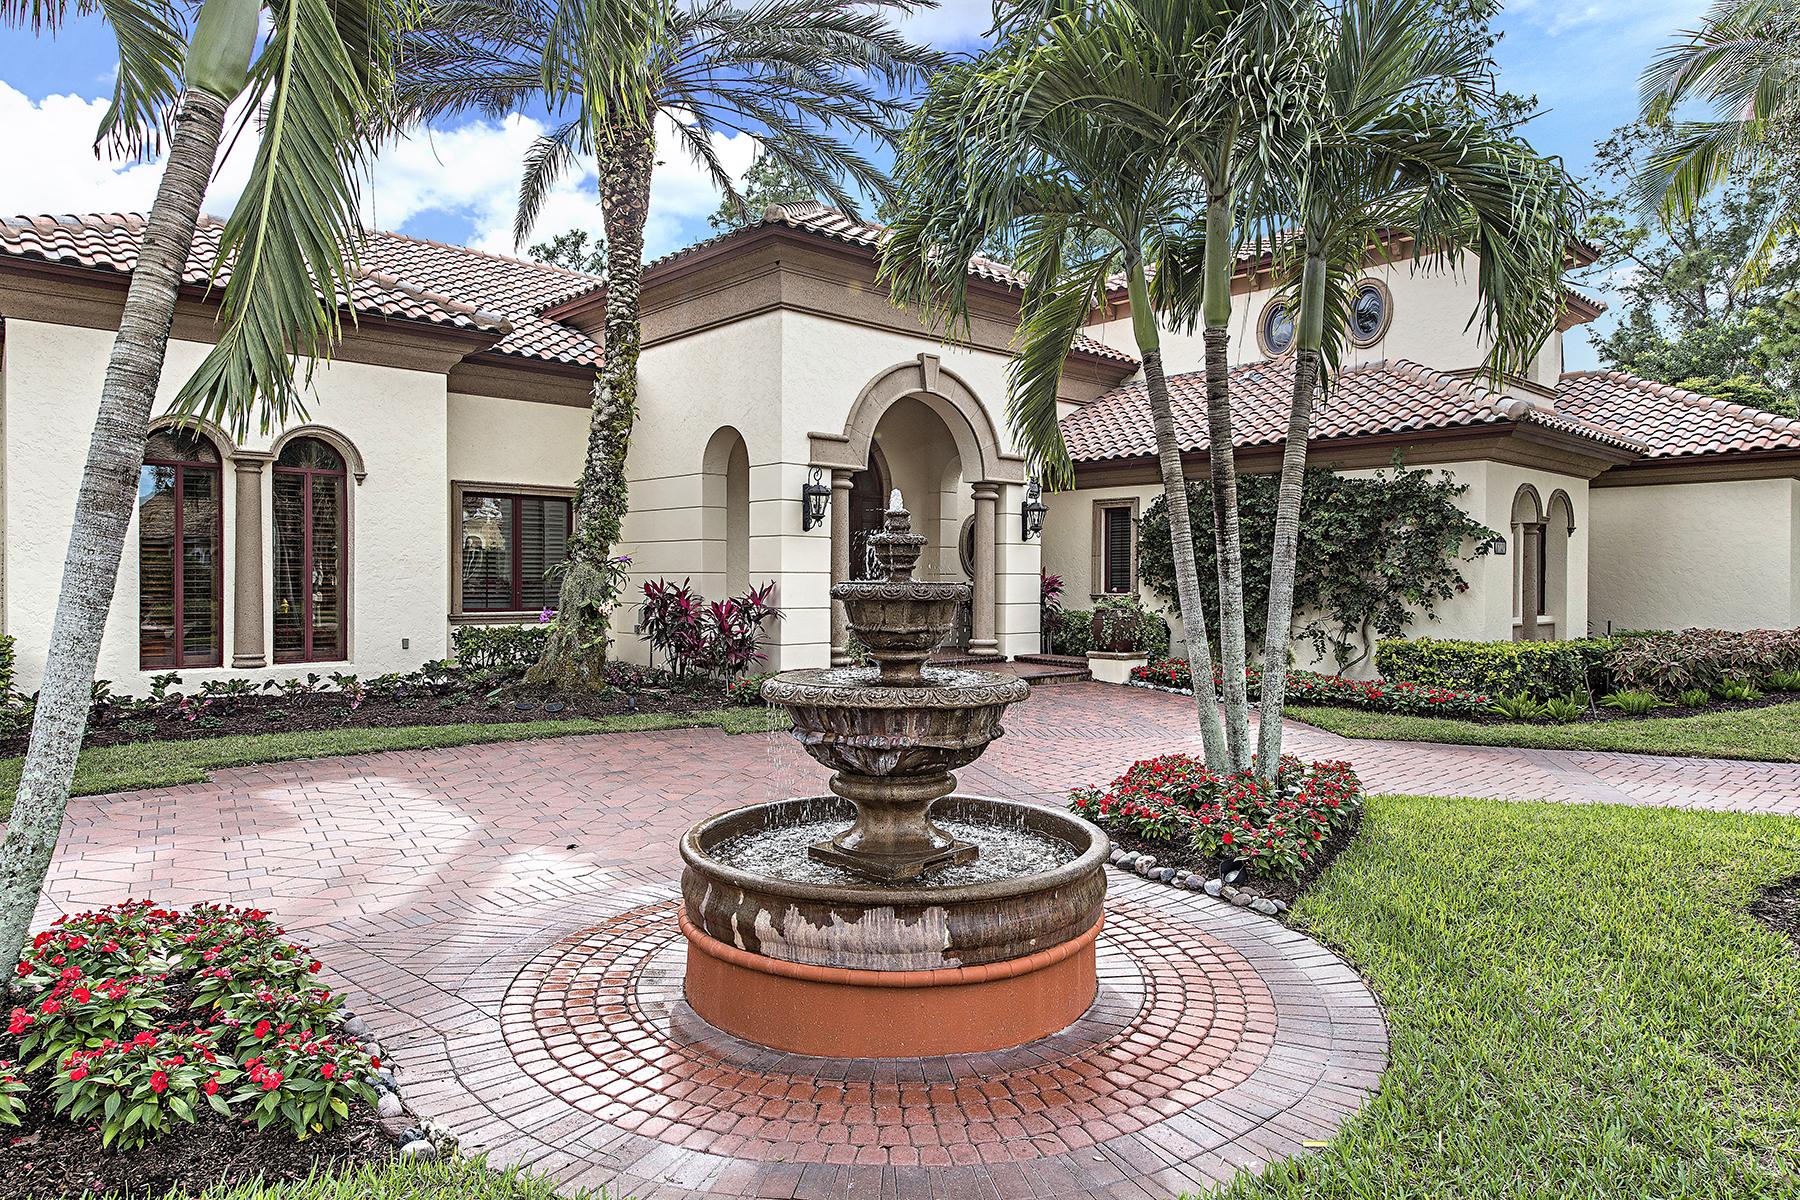 Einfamilienhaus für Verkauf beim PELICAN MARSH - BAY LAUREL ESTATES 8727 Purslane Dr Naples, Florida, 34109 Vereinigte Staaten